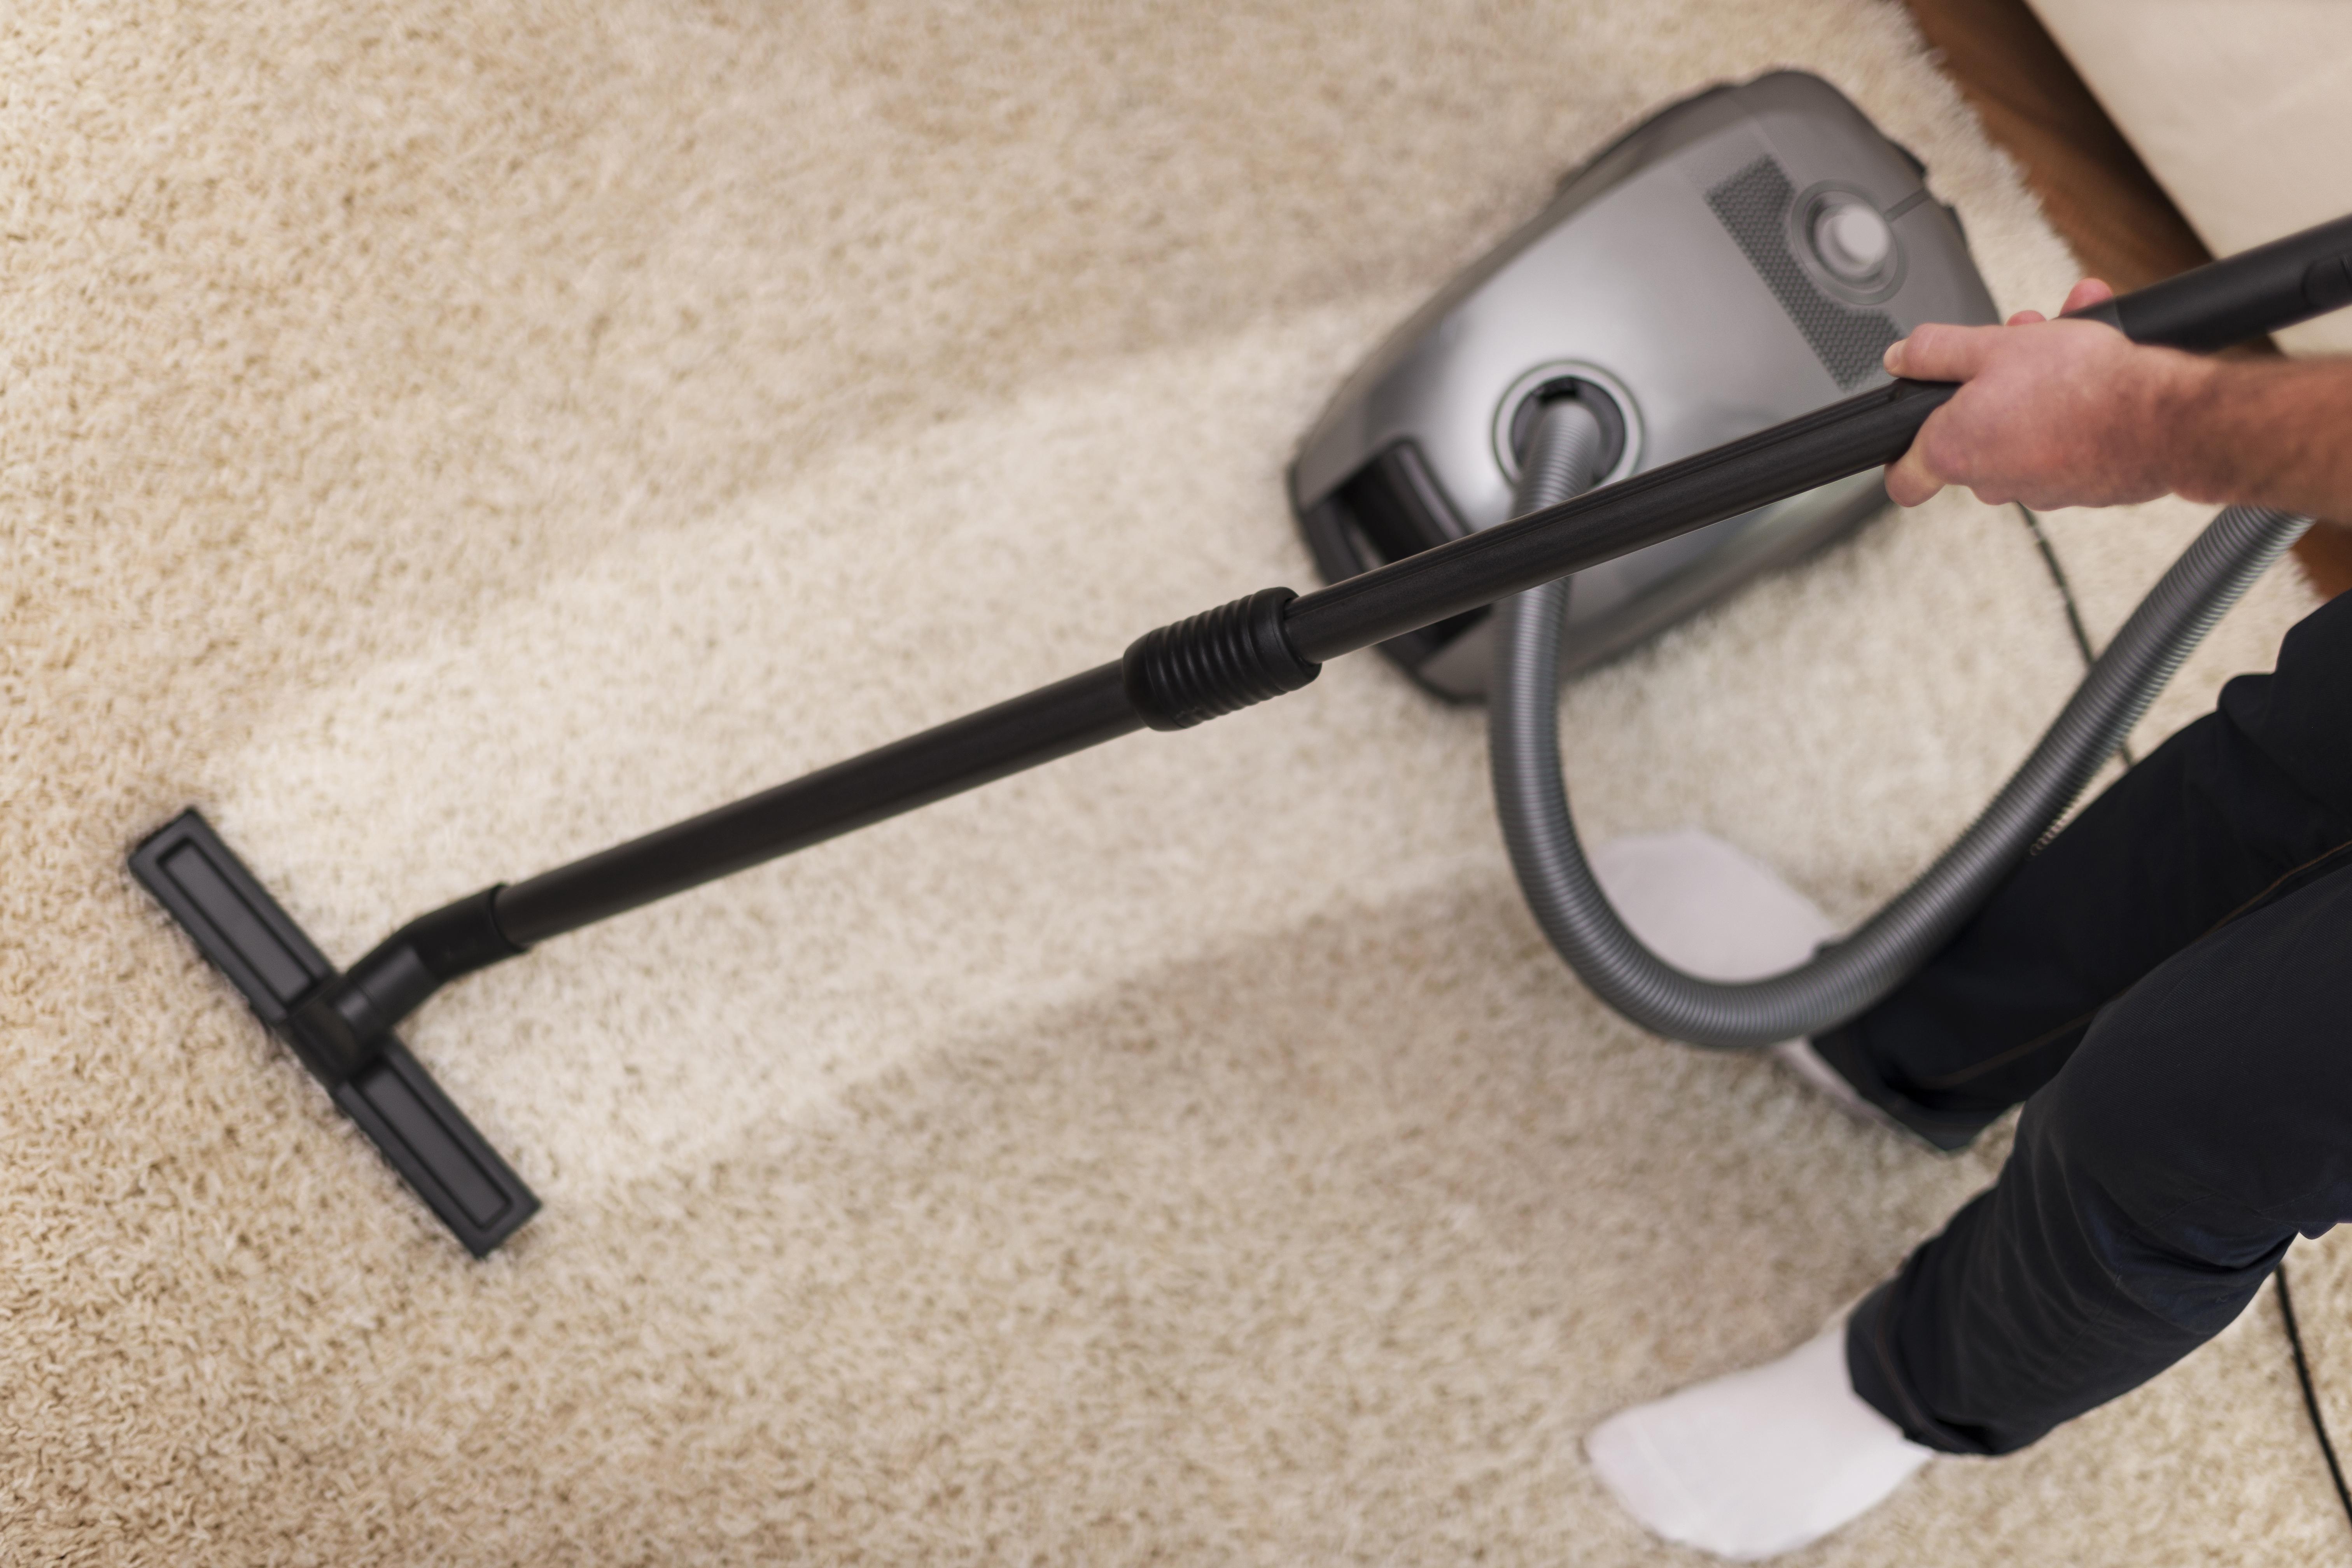 Dywany łatwe w utrzymaniu czystości - kilka propozycji